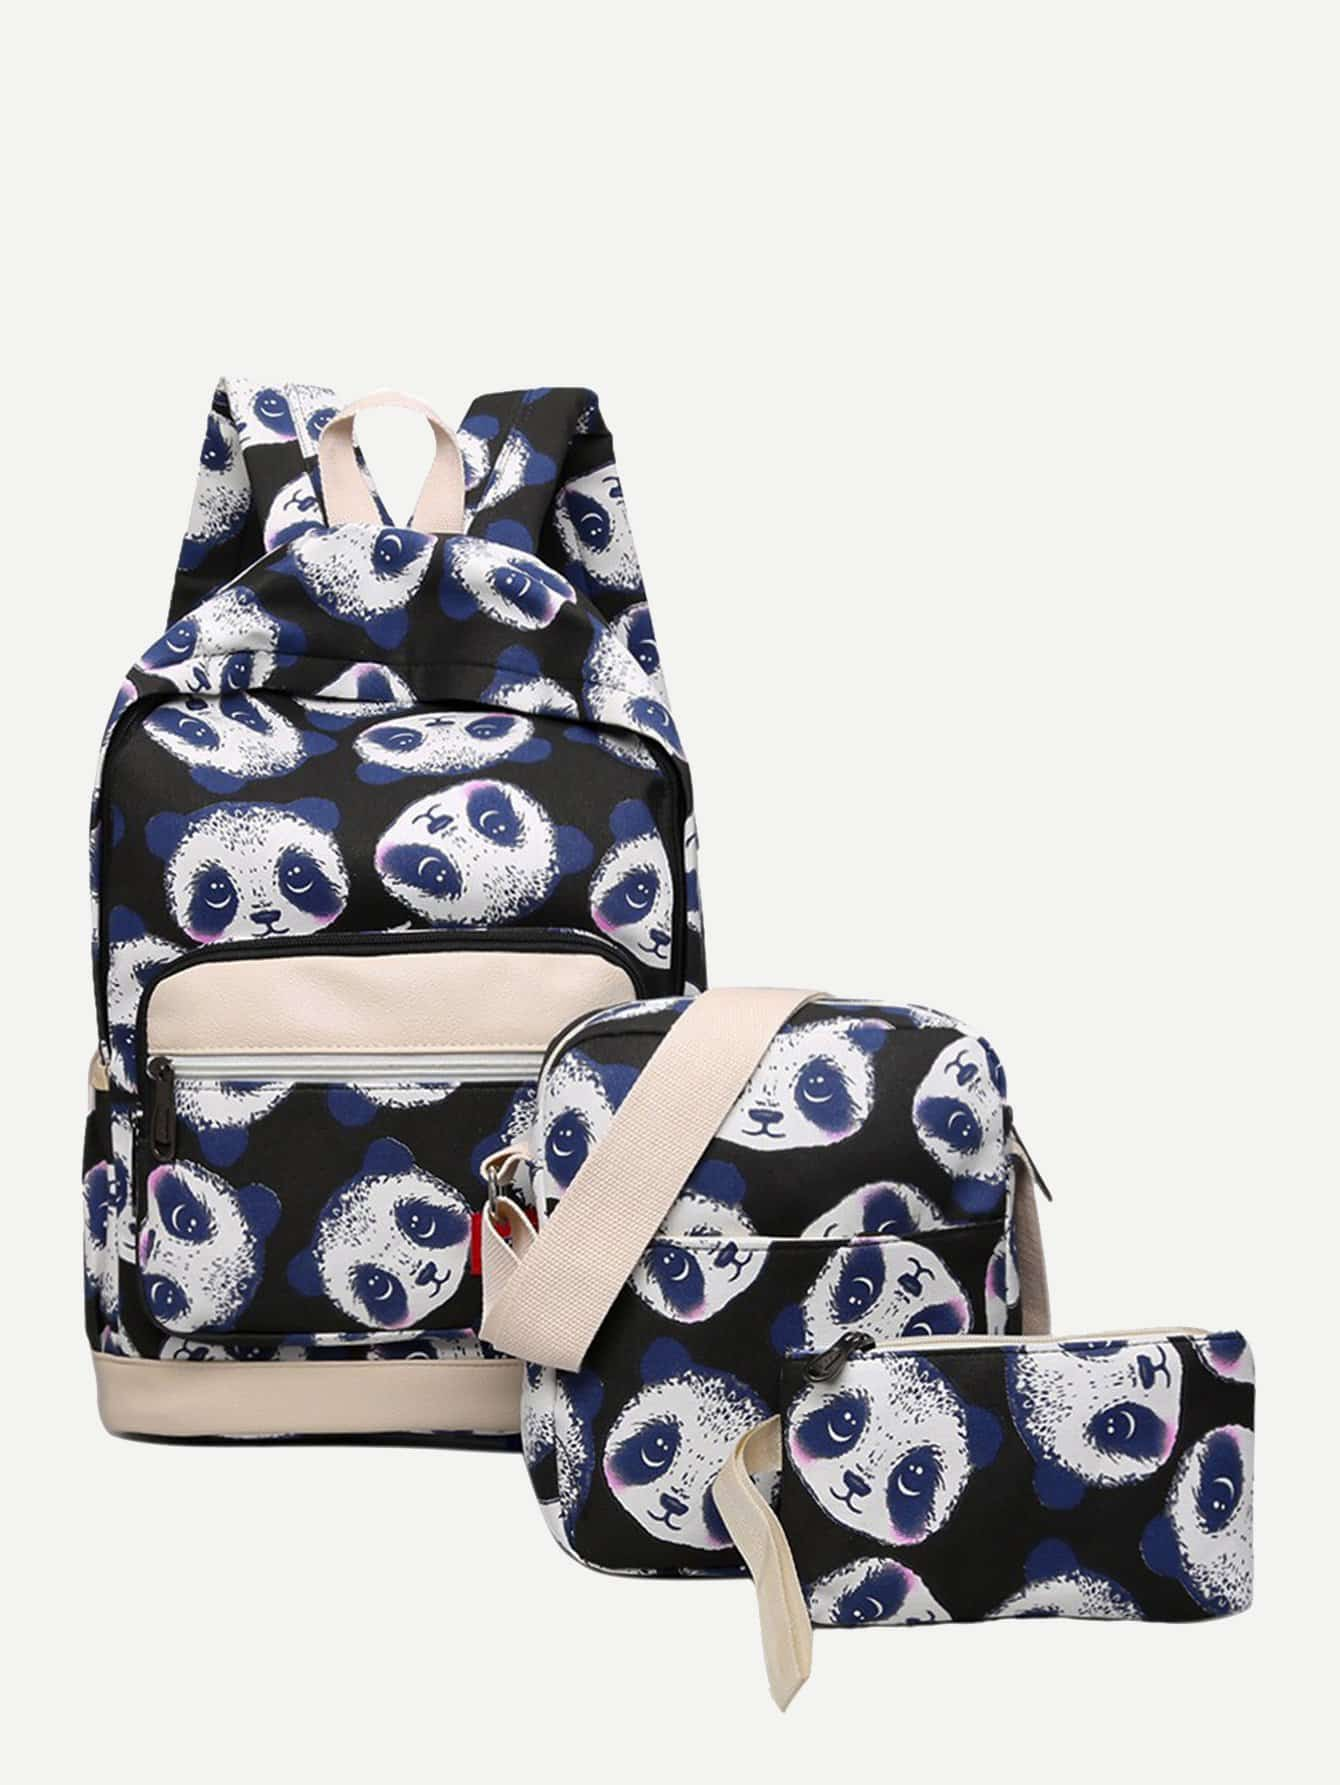 Купить Рюкзак и с рисунком панды и с маленькой сумкой 3 шт, null, SheIn